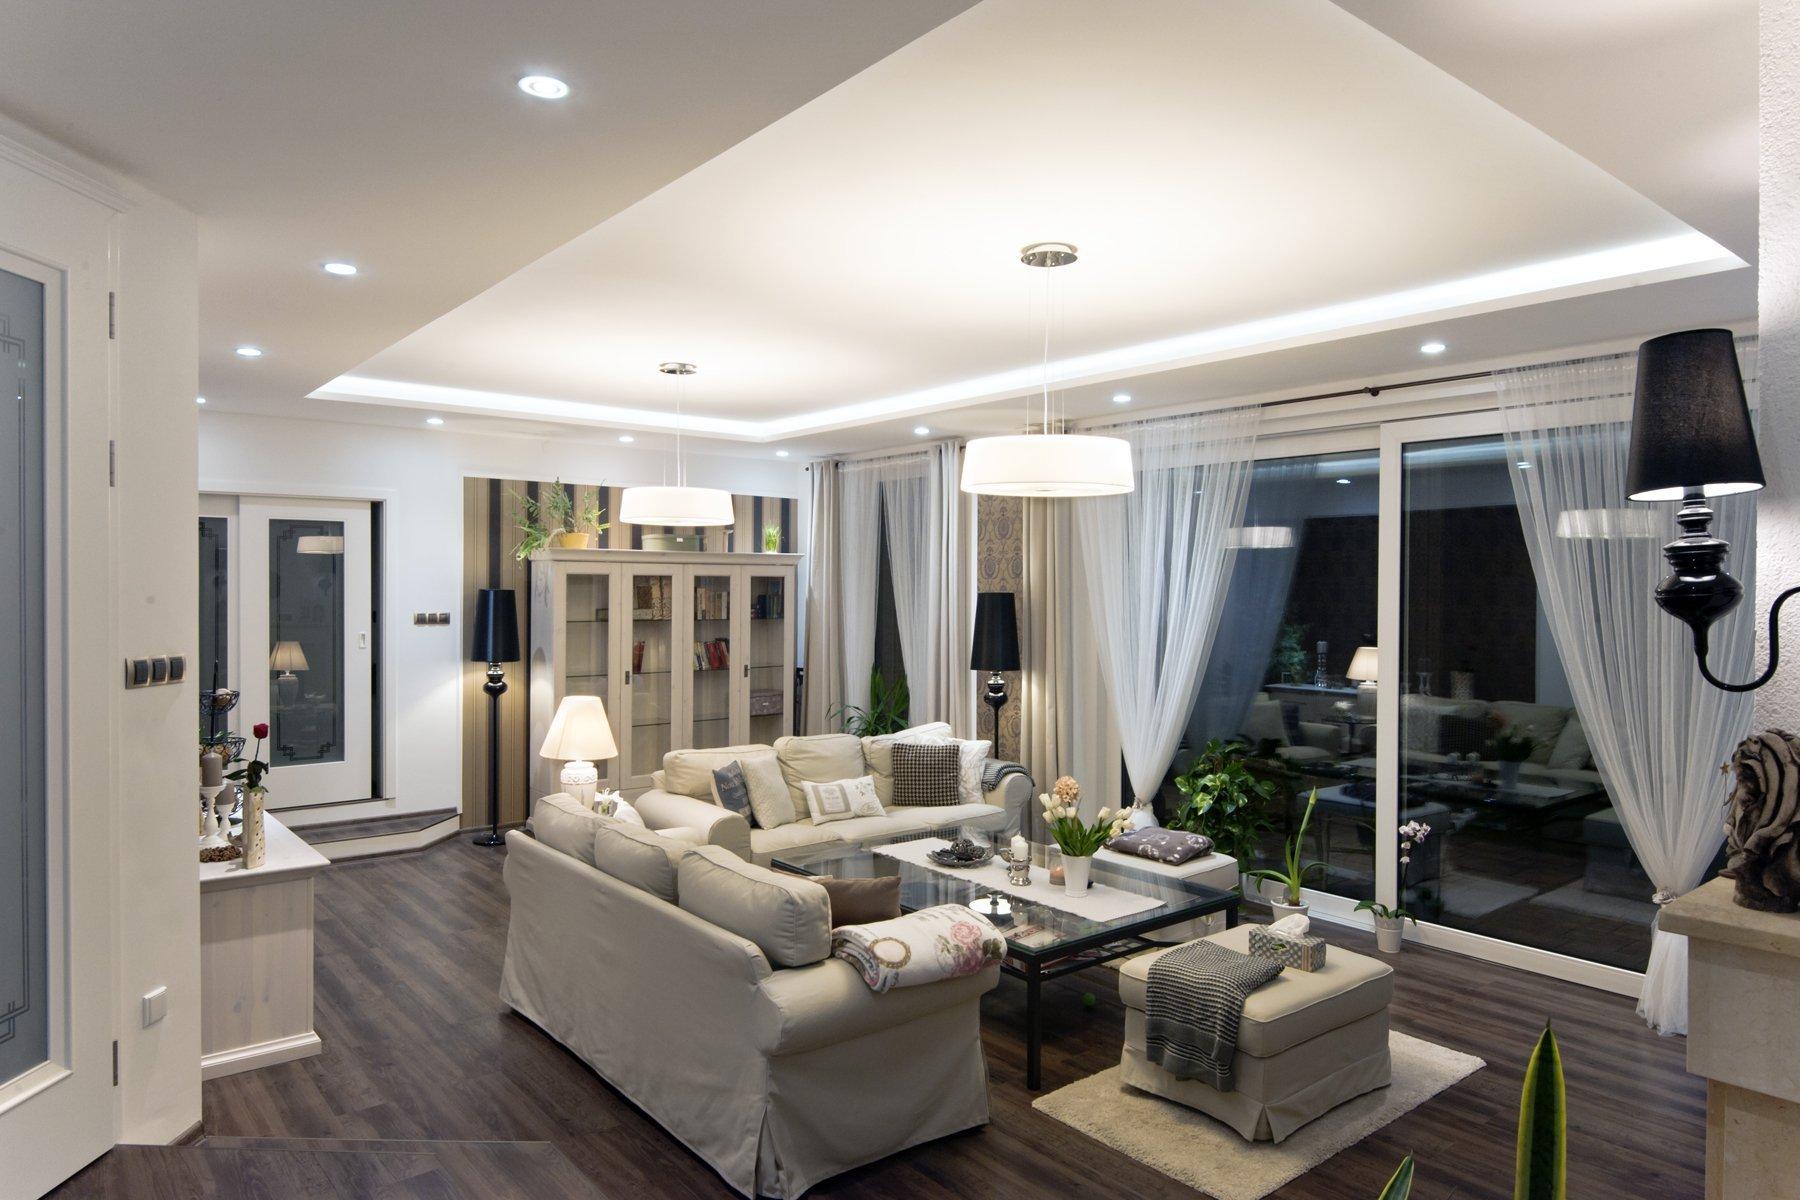 Novstavba rodinného domu, návrh a realizace osvětlení exteriéru i interiéru